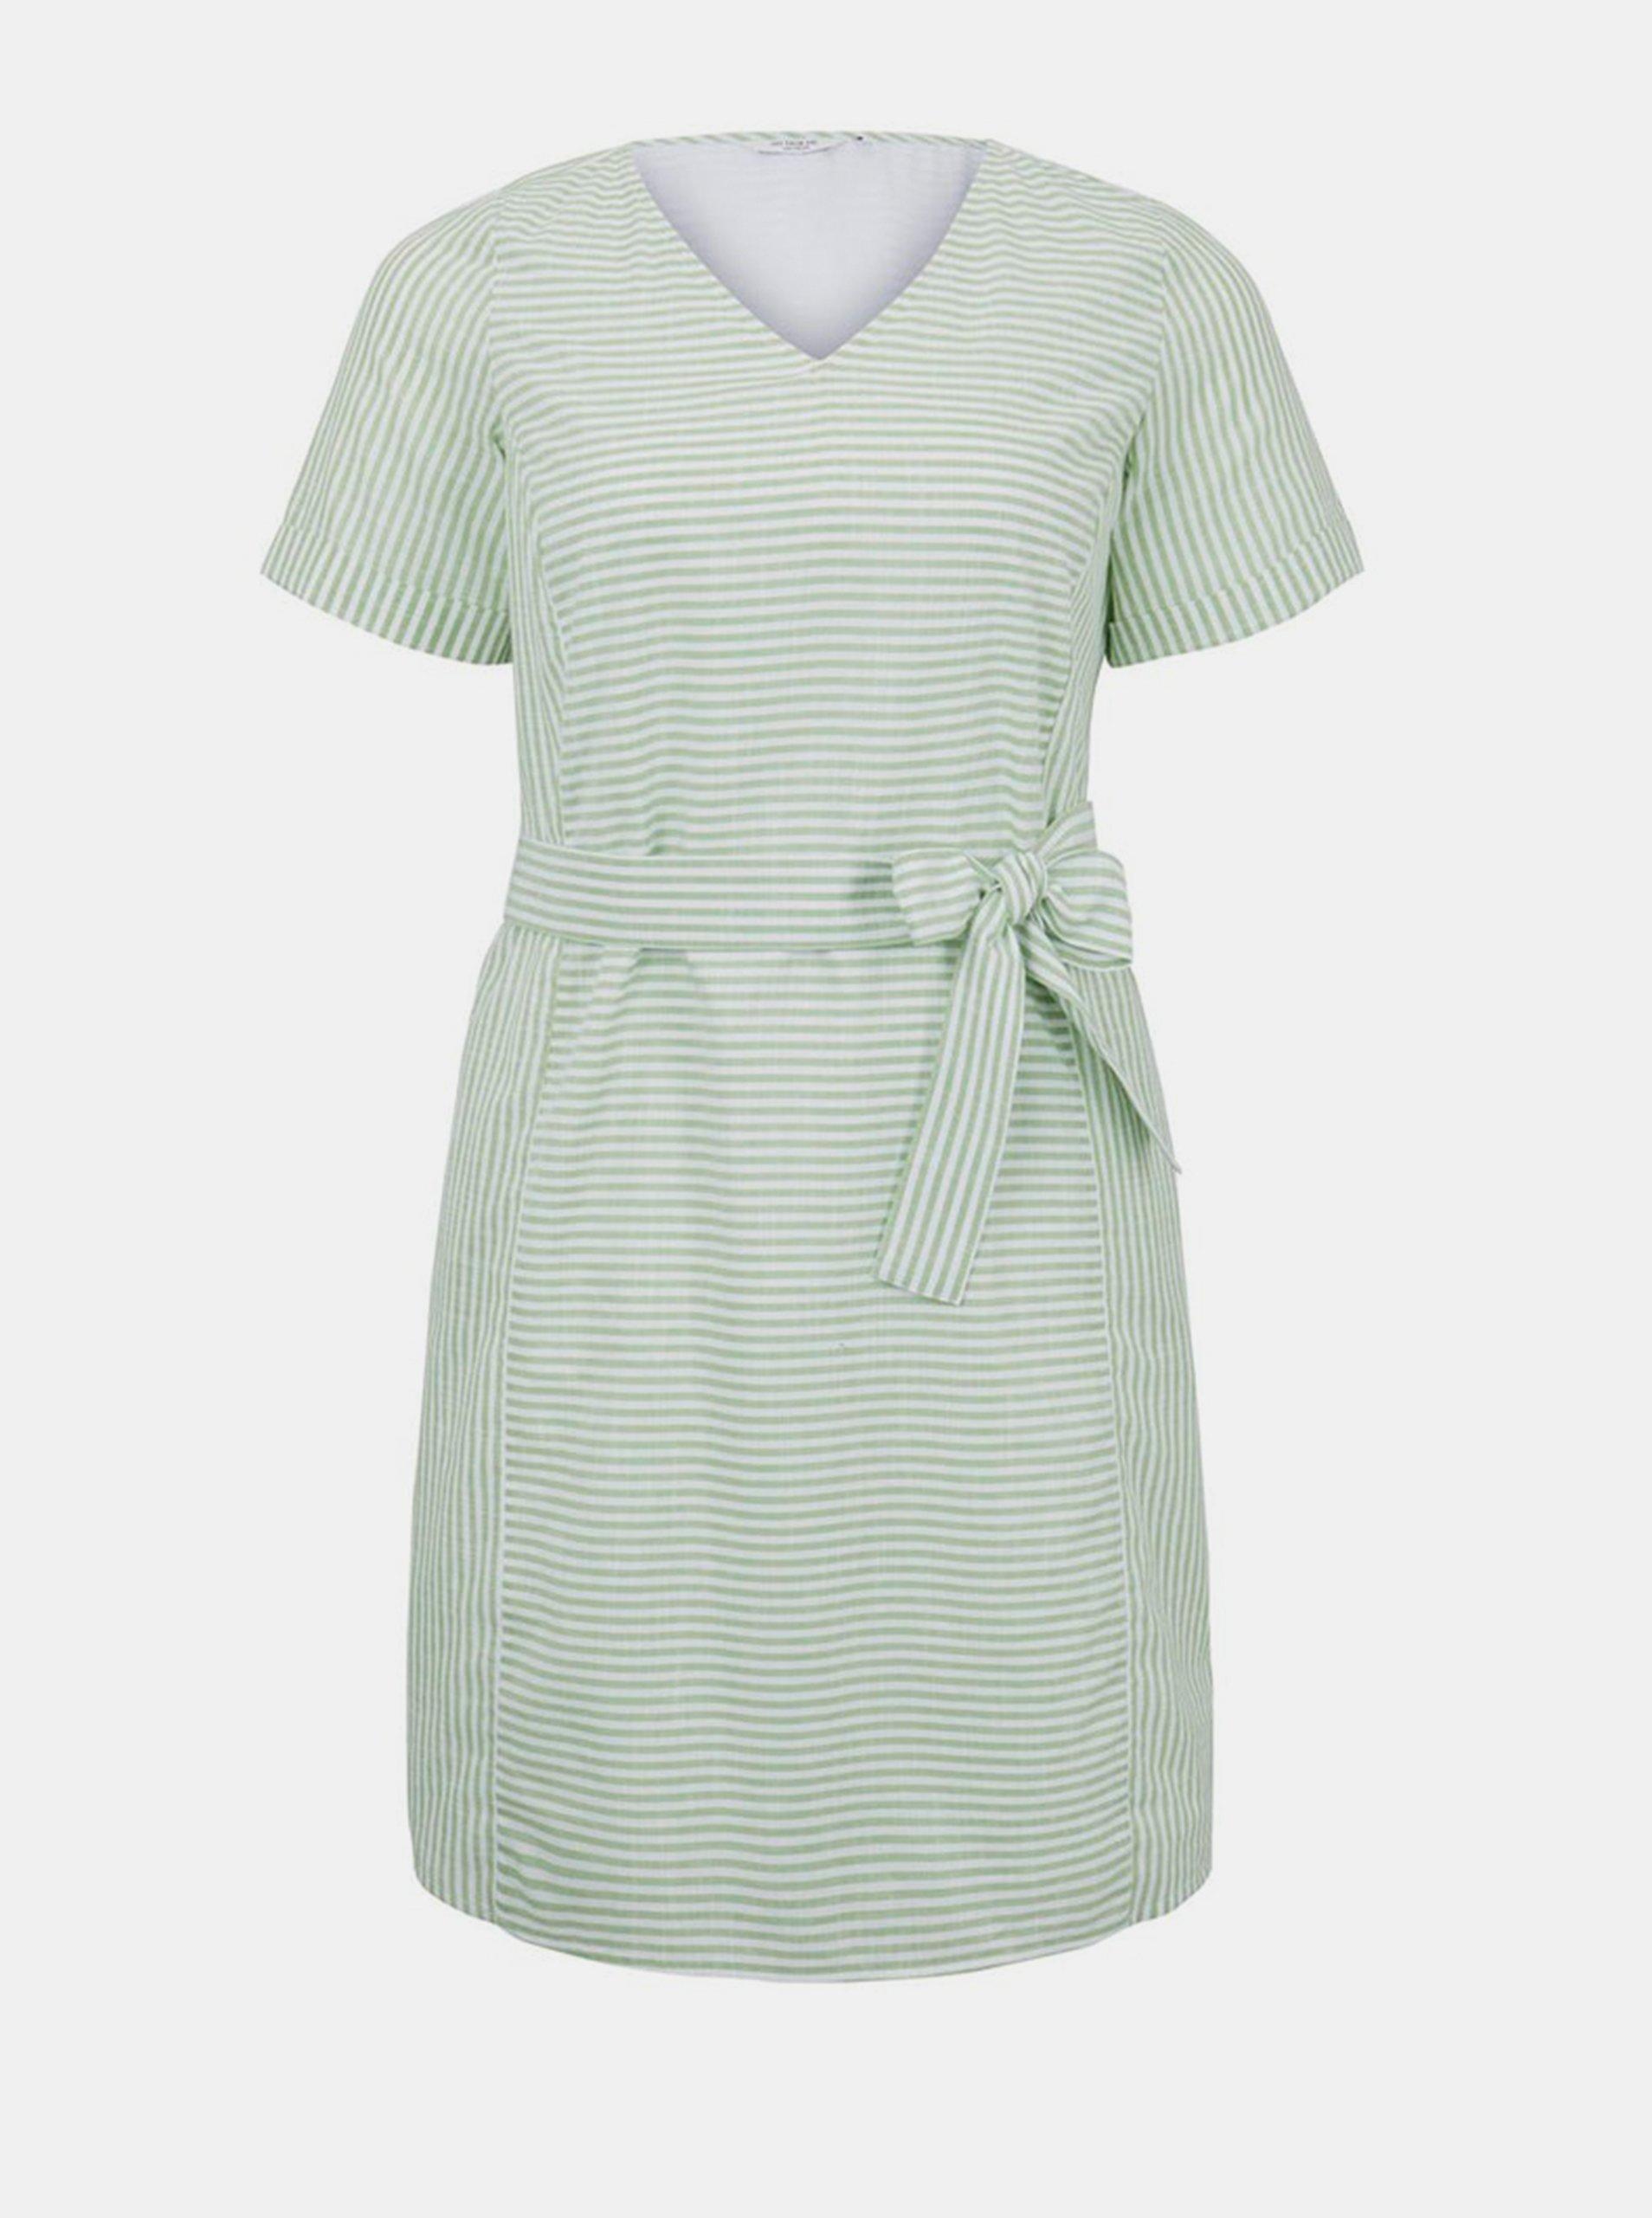 Svetlozelené dámske pruhované šaty My True Me Tom Tailor.